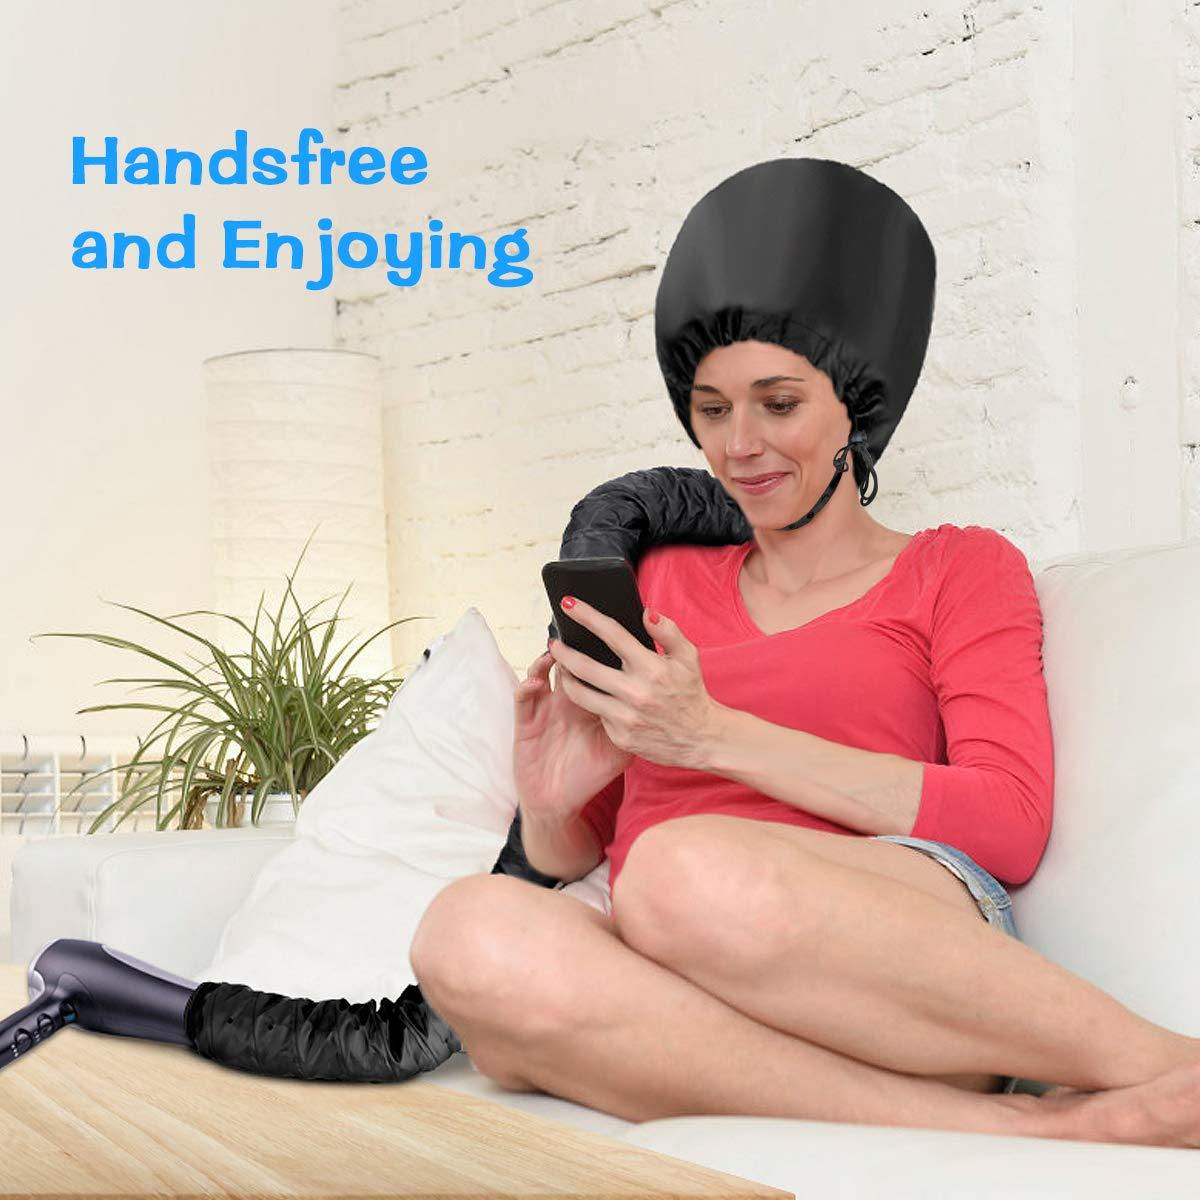 Haubenhaube Haartrockner, LC-dolida Weiche Haube Hauben Haartrockner Hand Frei für Haarpflege Tiefe Pflegemütze mit Blauem Trockenen Handtuch